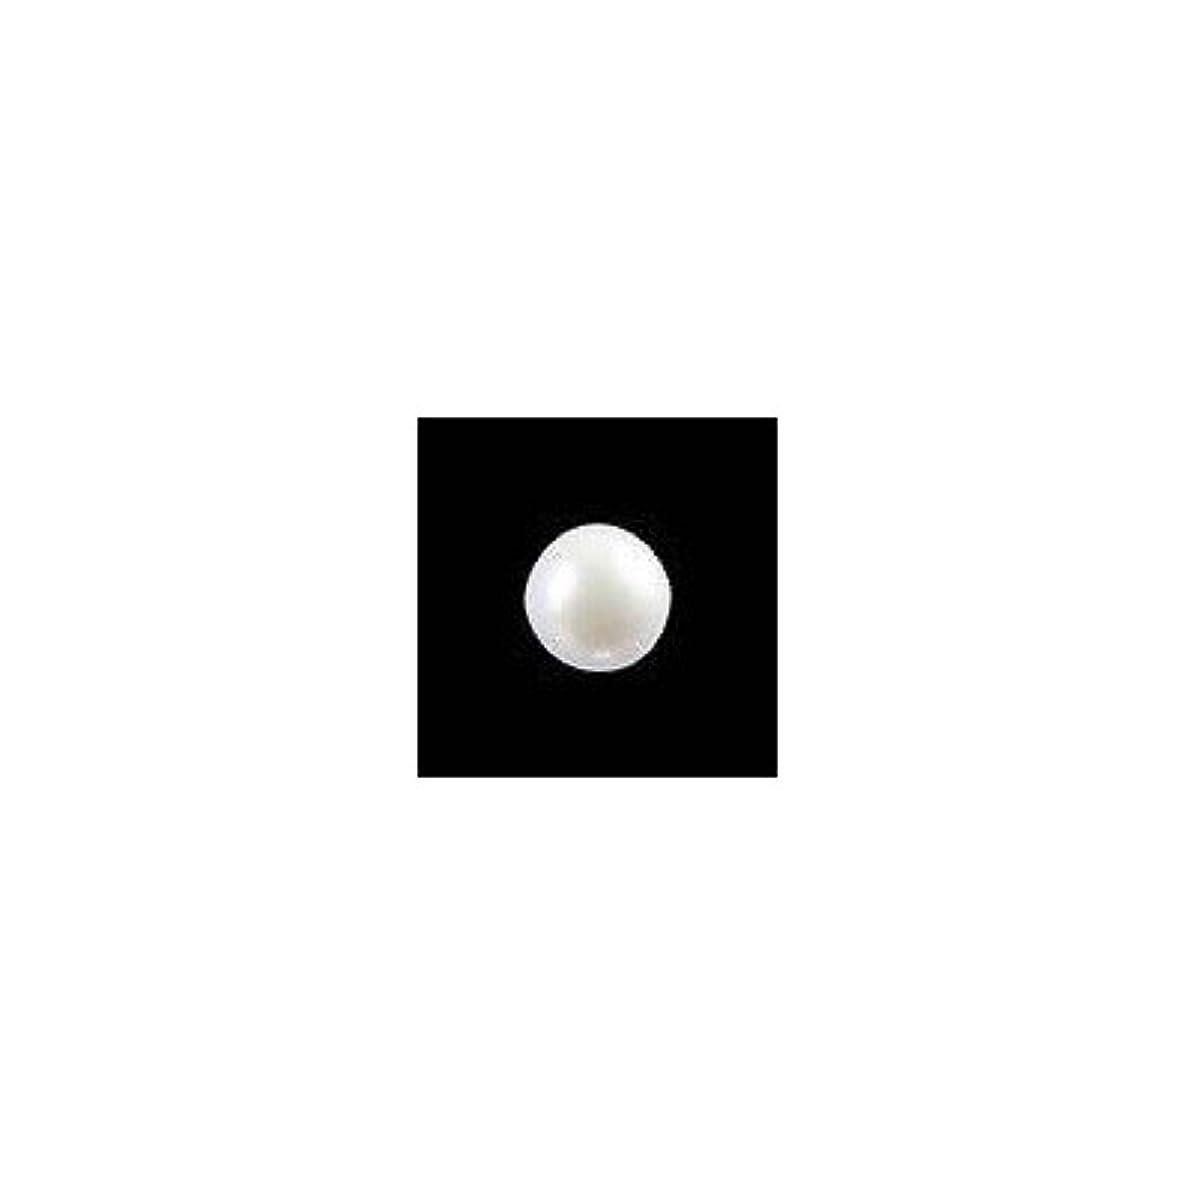 ハーネスペレットスカートピアドラ 大粒パール ラウンド(4mm)24P